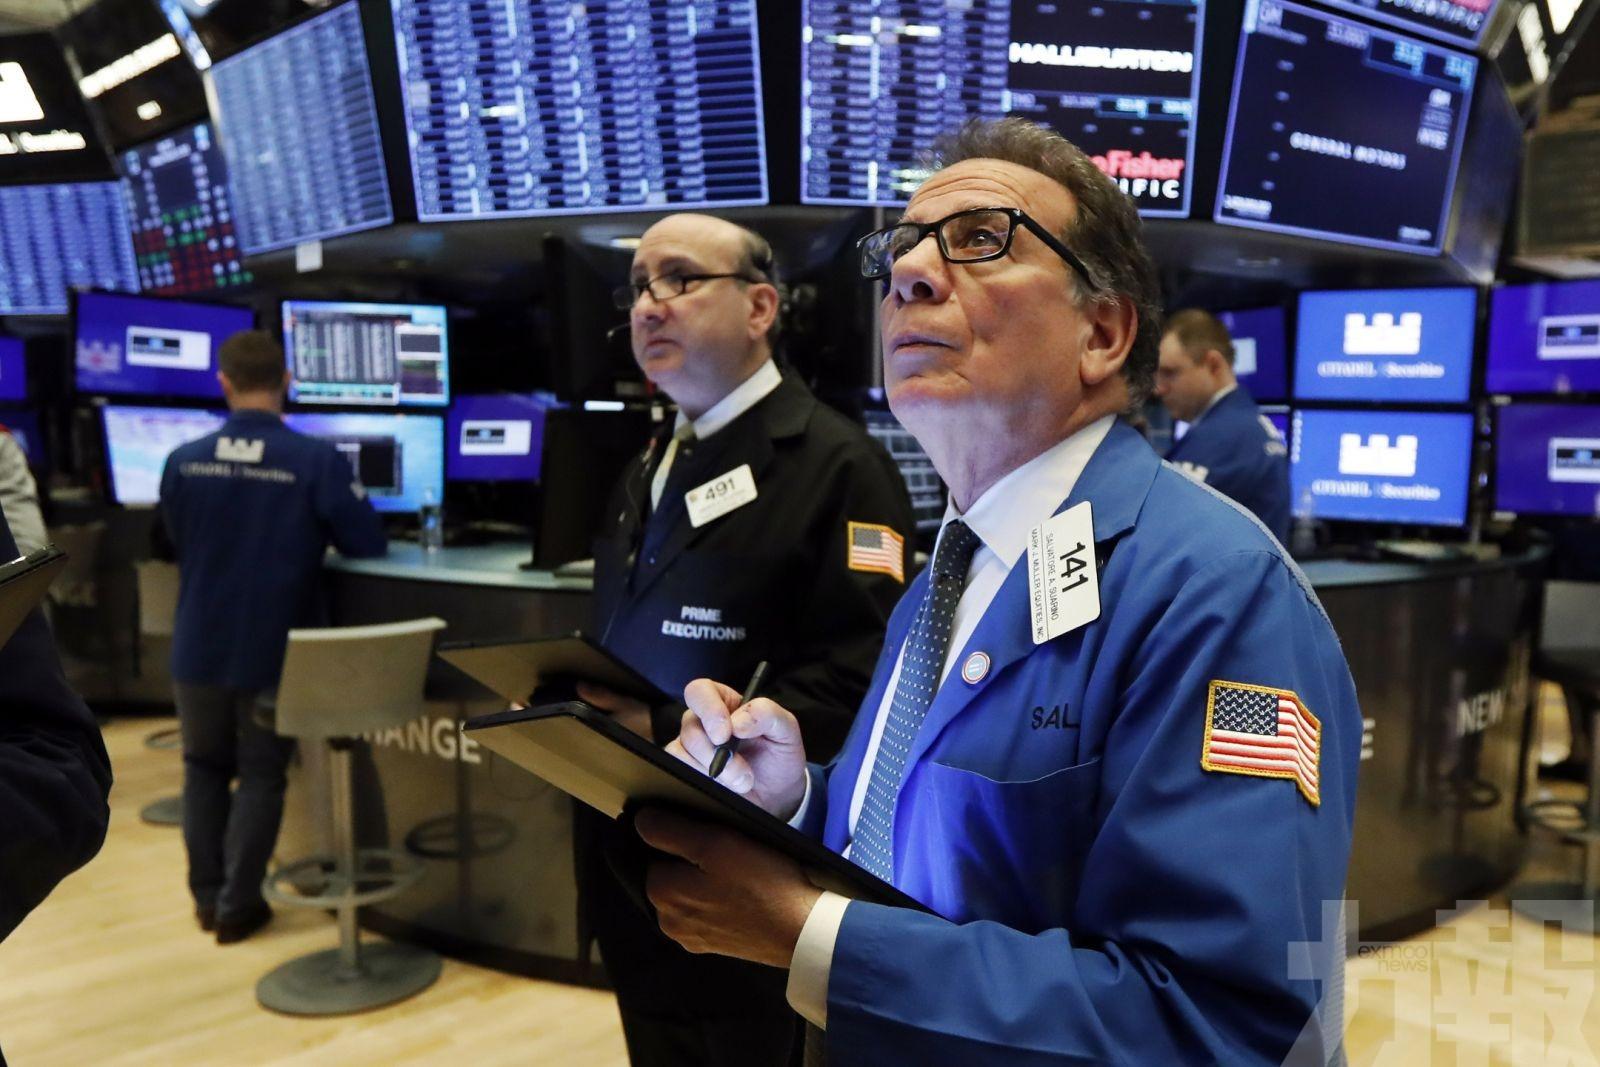 憧憬經濟重啟 道指開市升逾百點